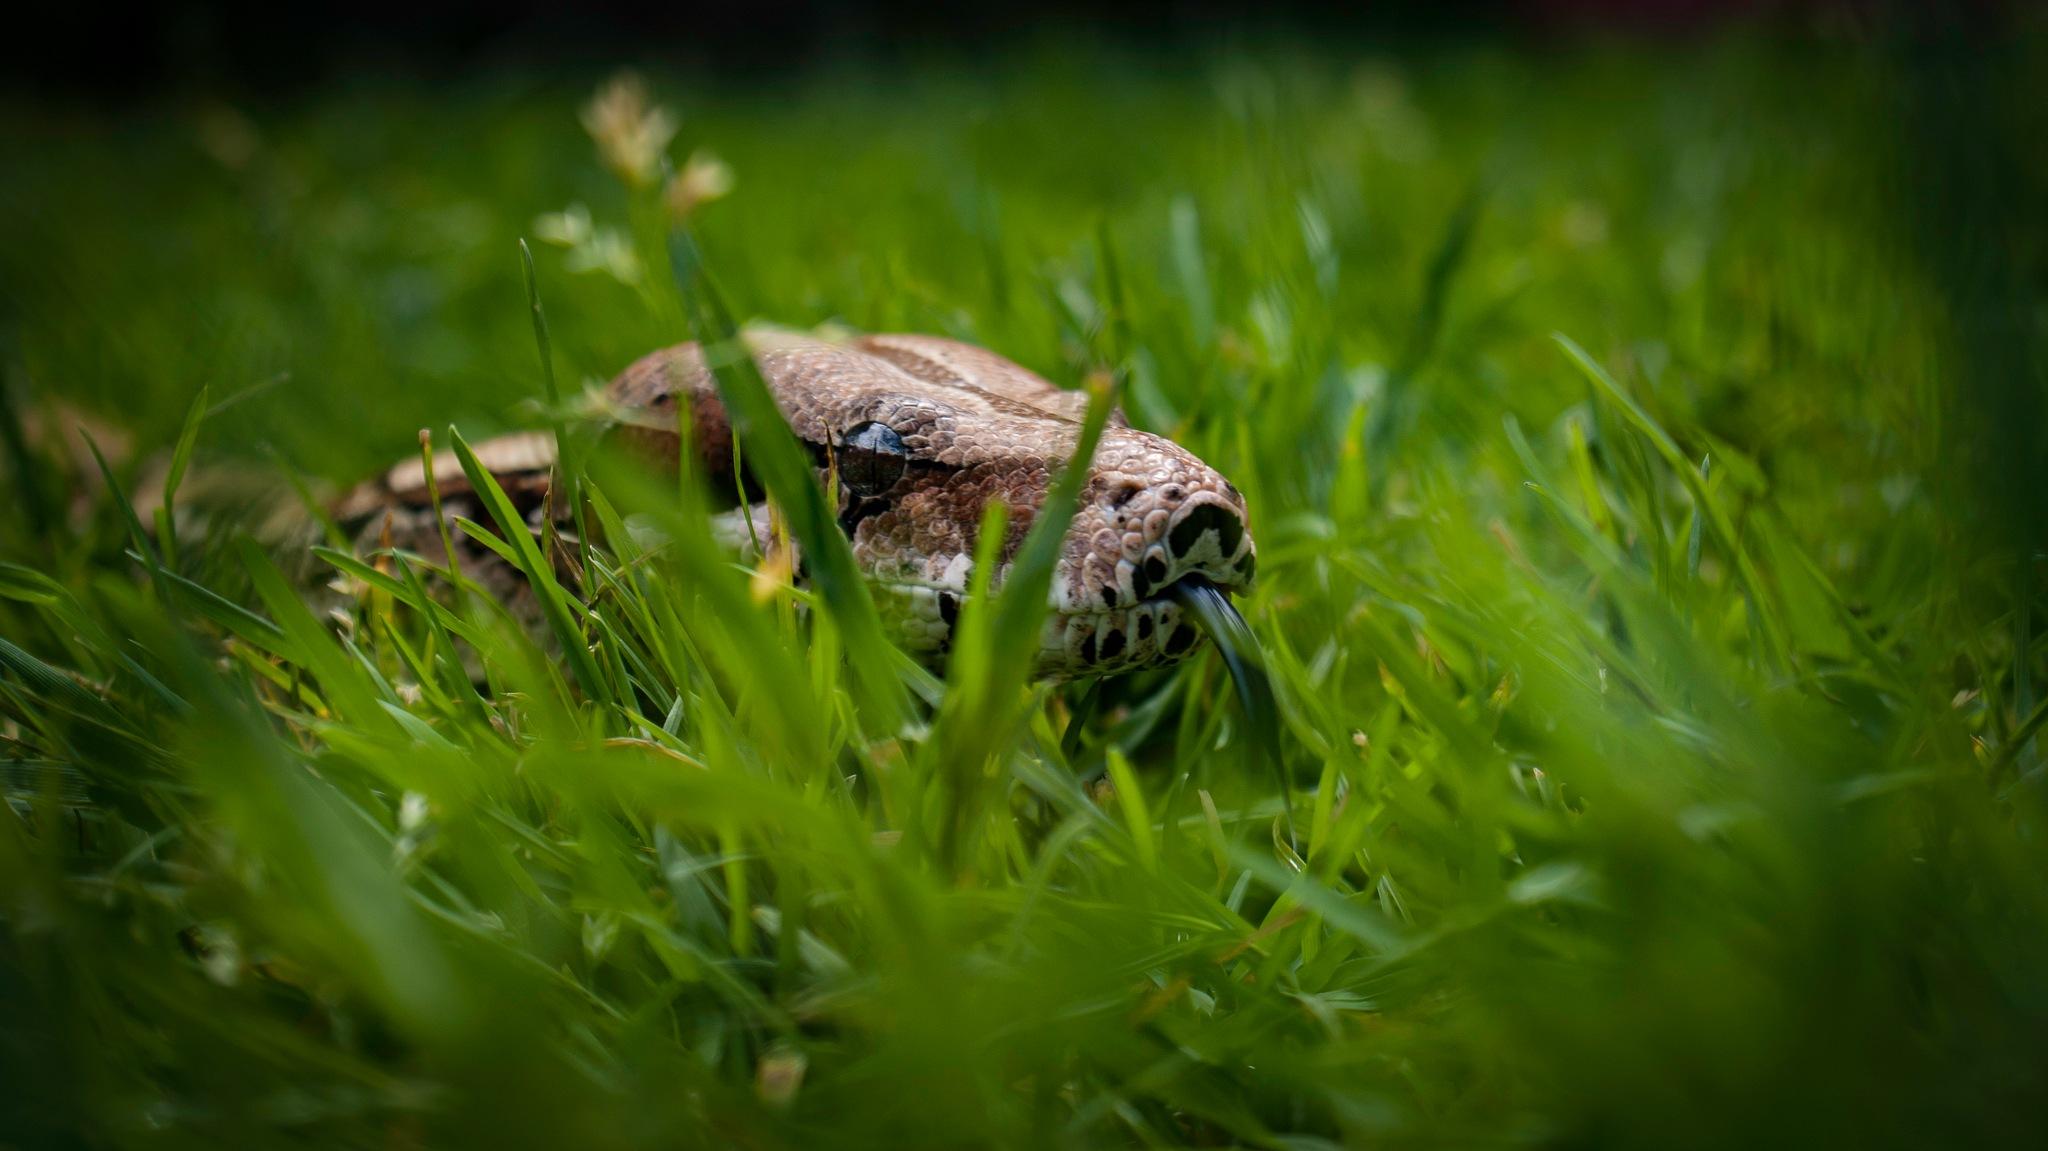 Snake in a park by JB Boucher